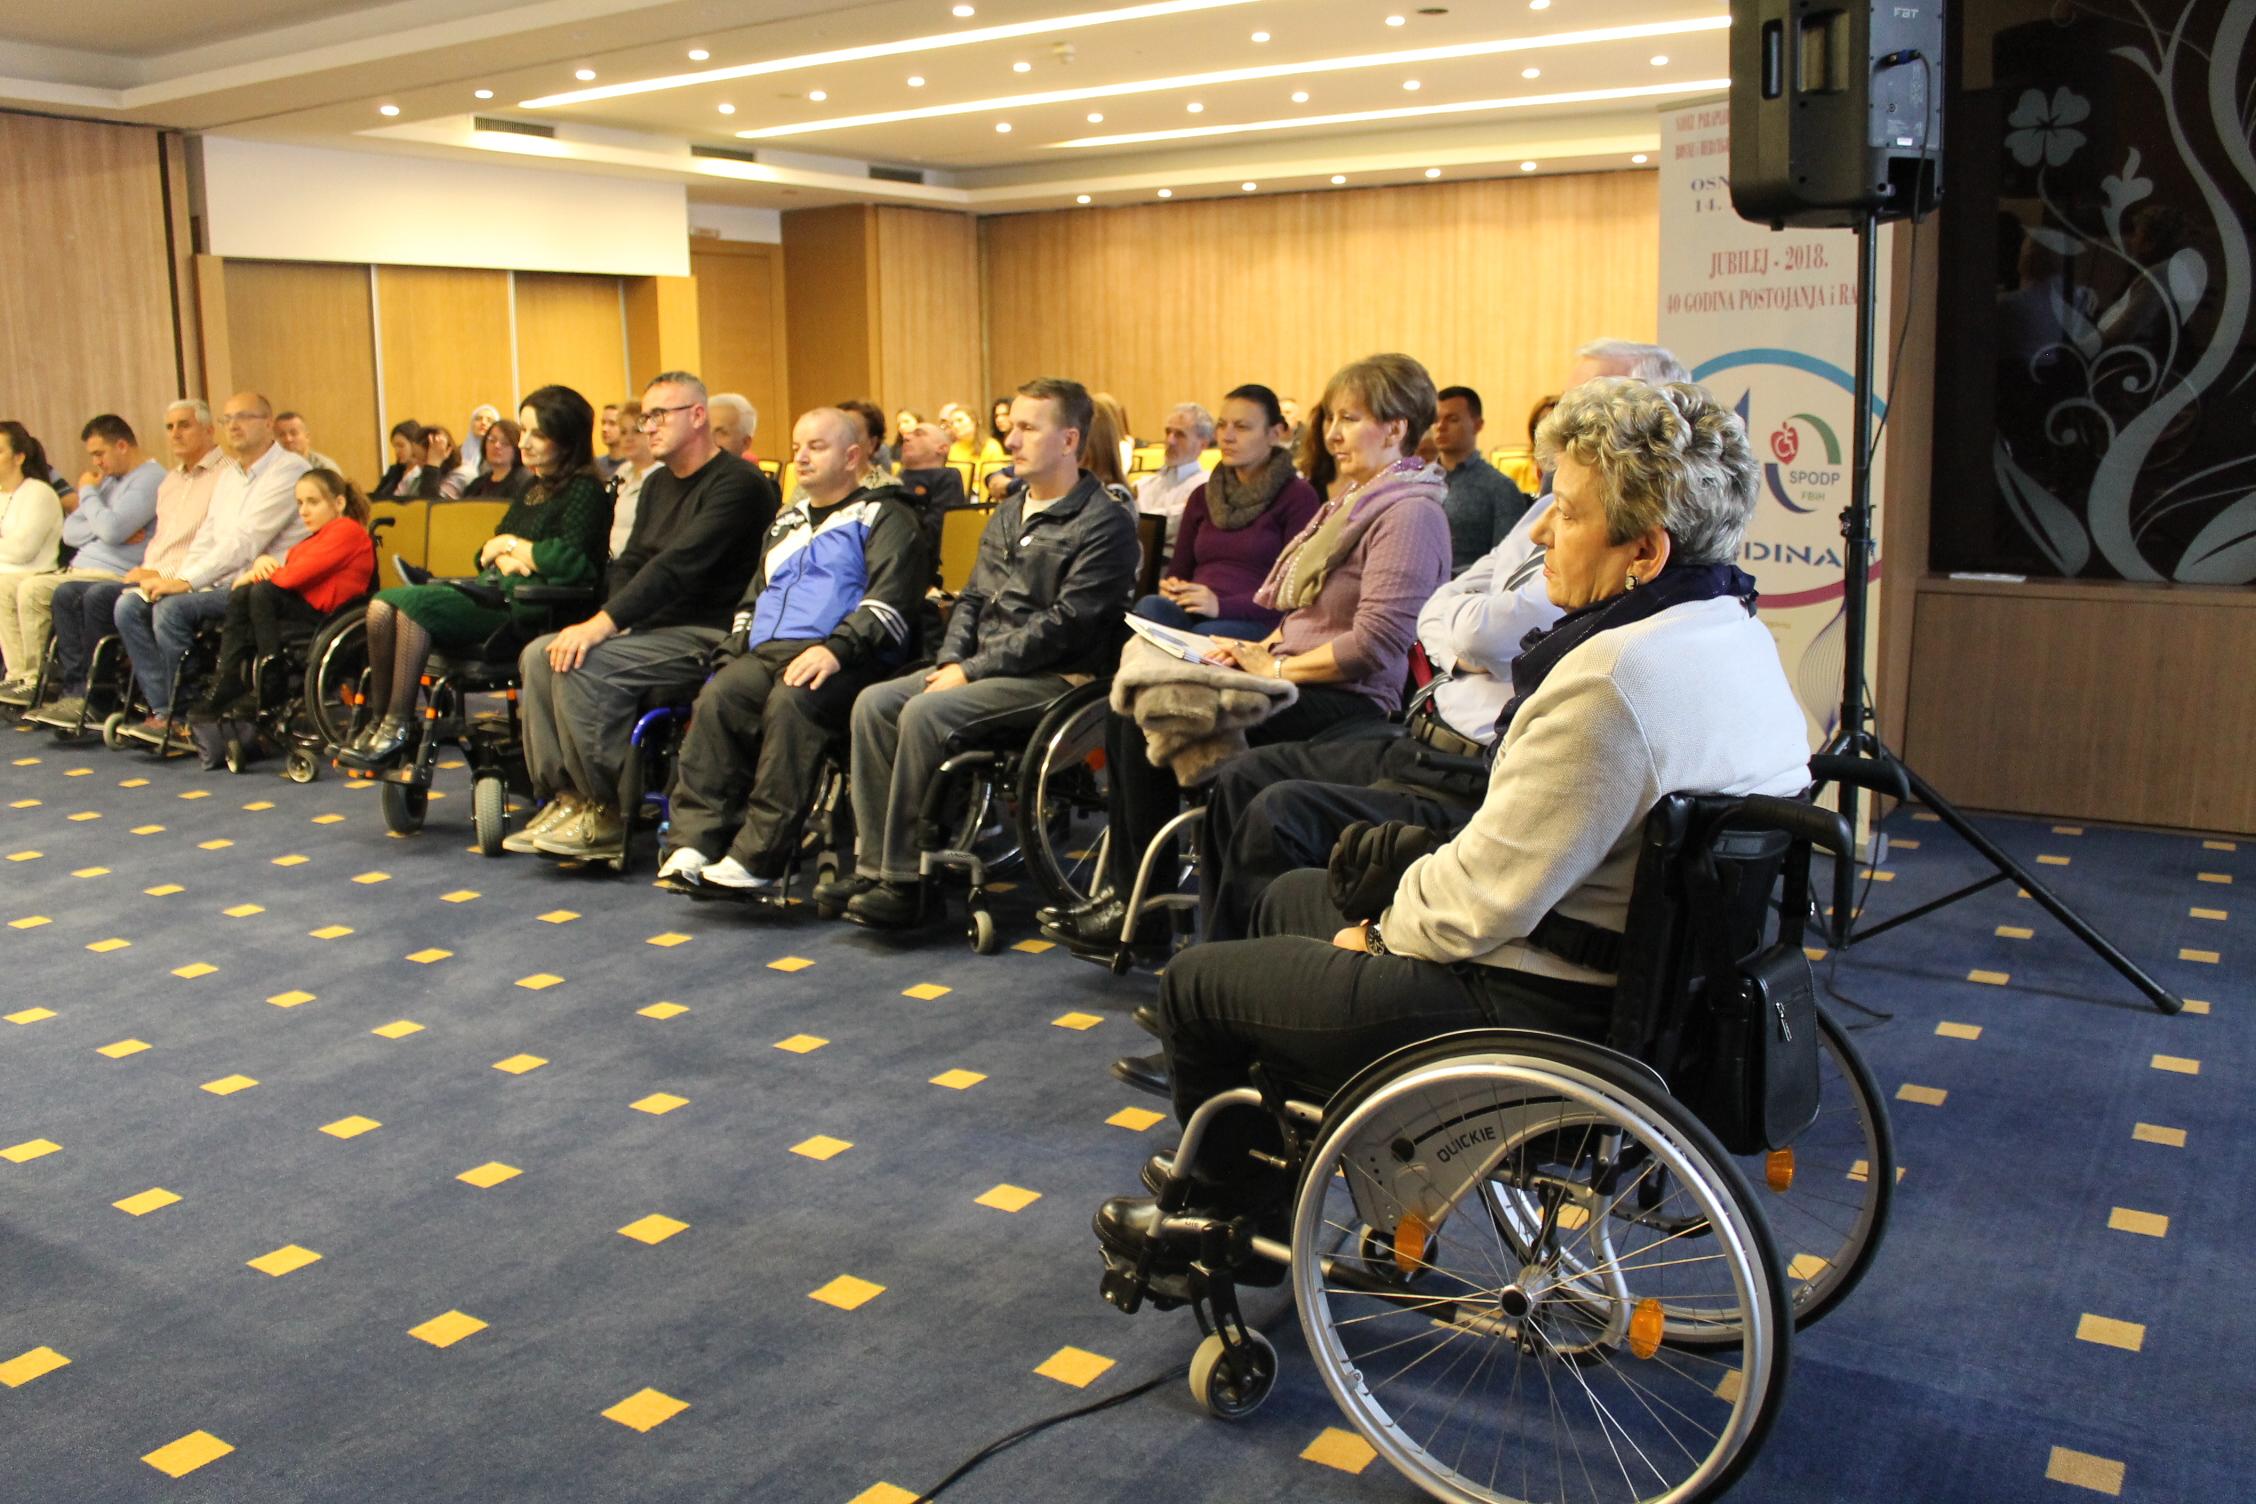 Izlazi 4 osobe s invaliditetom